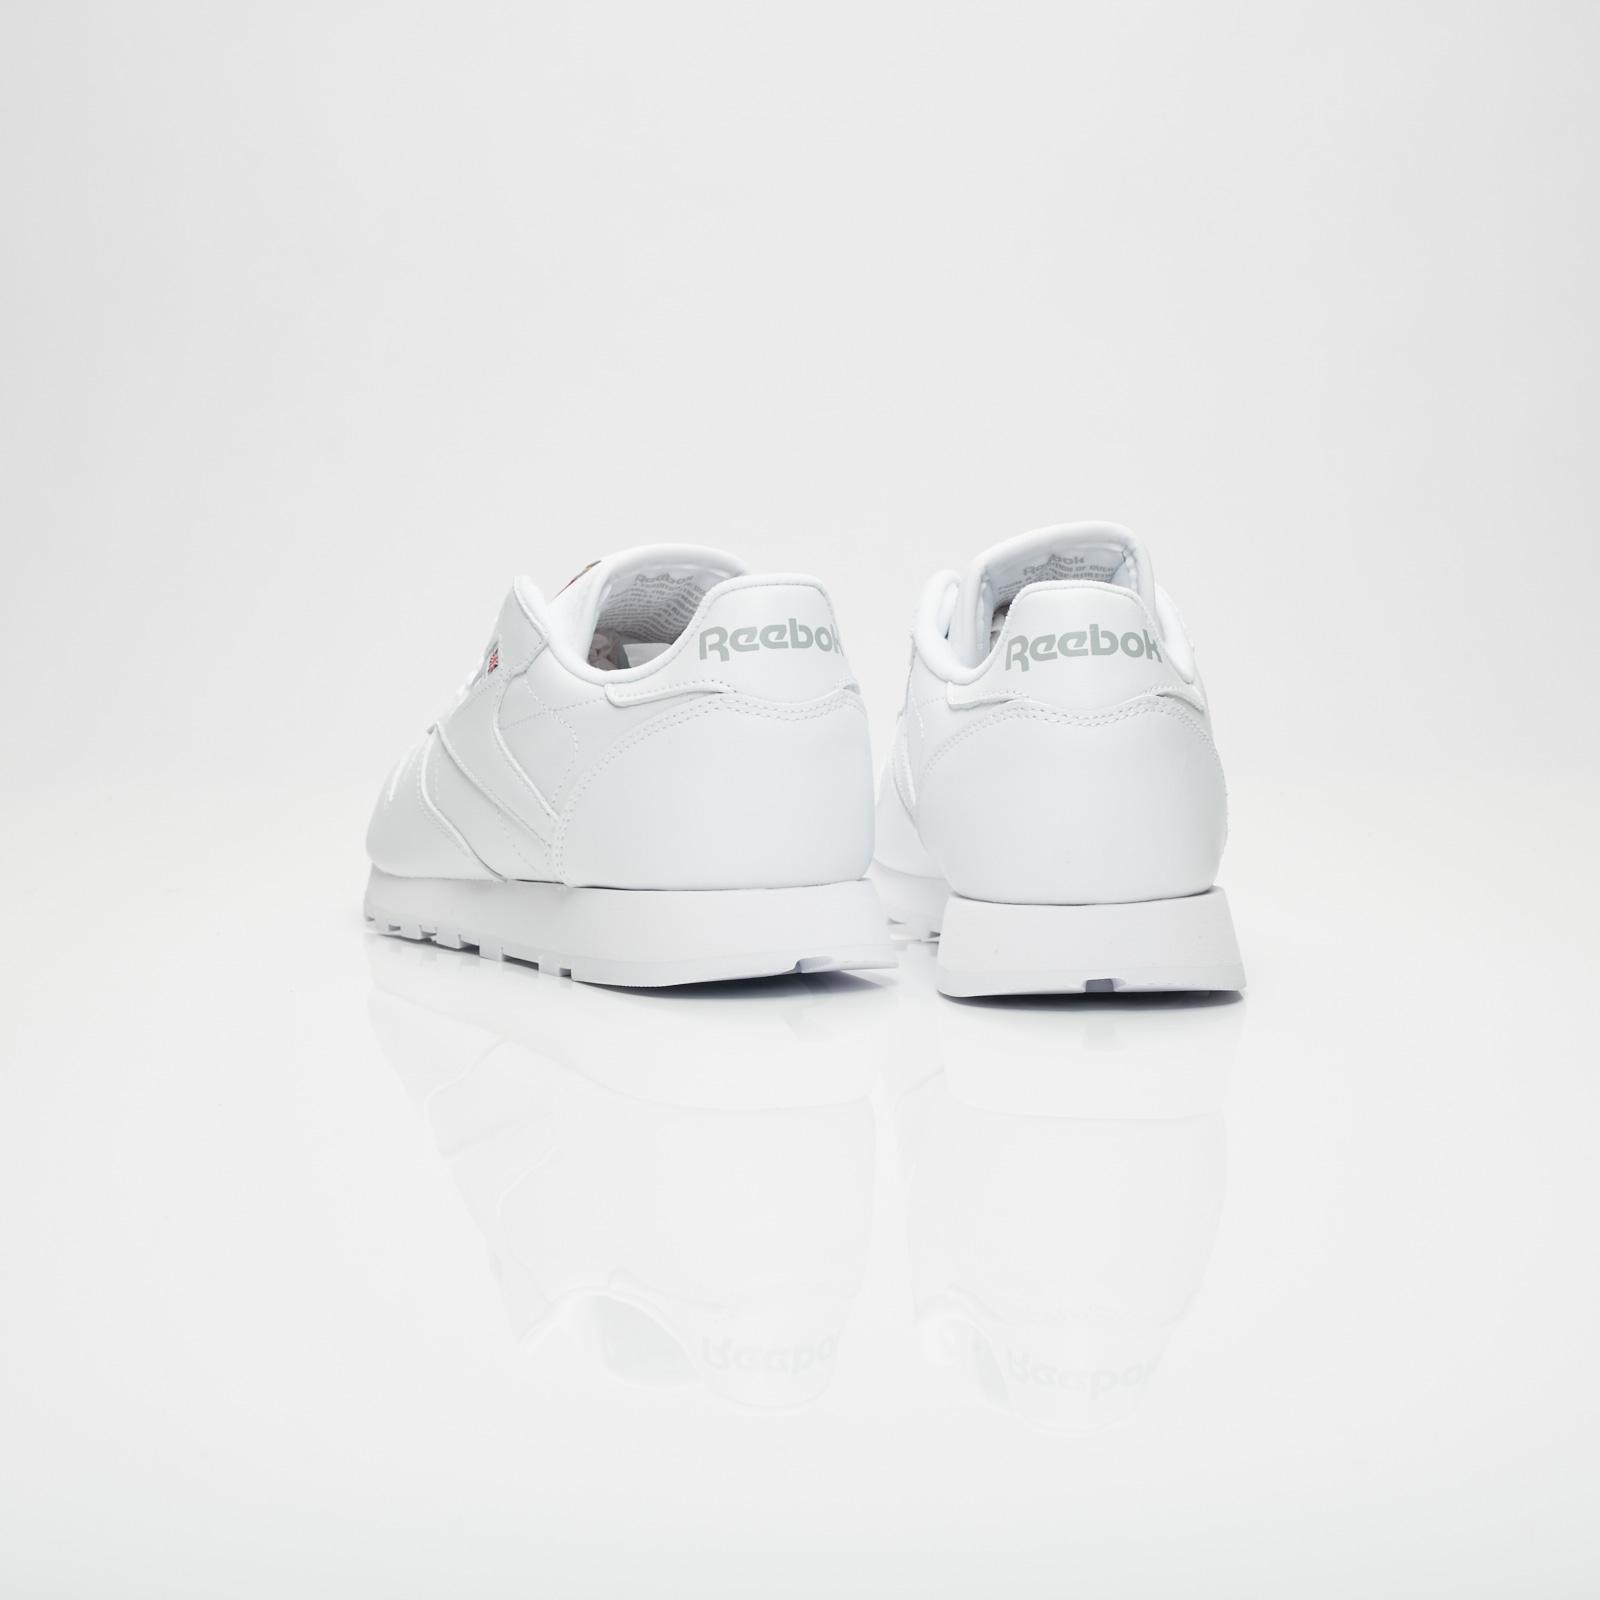 de73b041a19 Reebok Classic Leather - 2232 - Sneakersnstuff | sneakers & streetwear  online since 1999